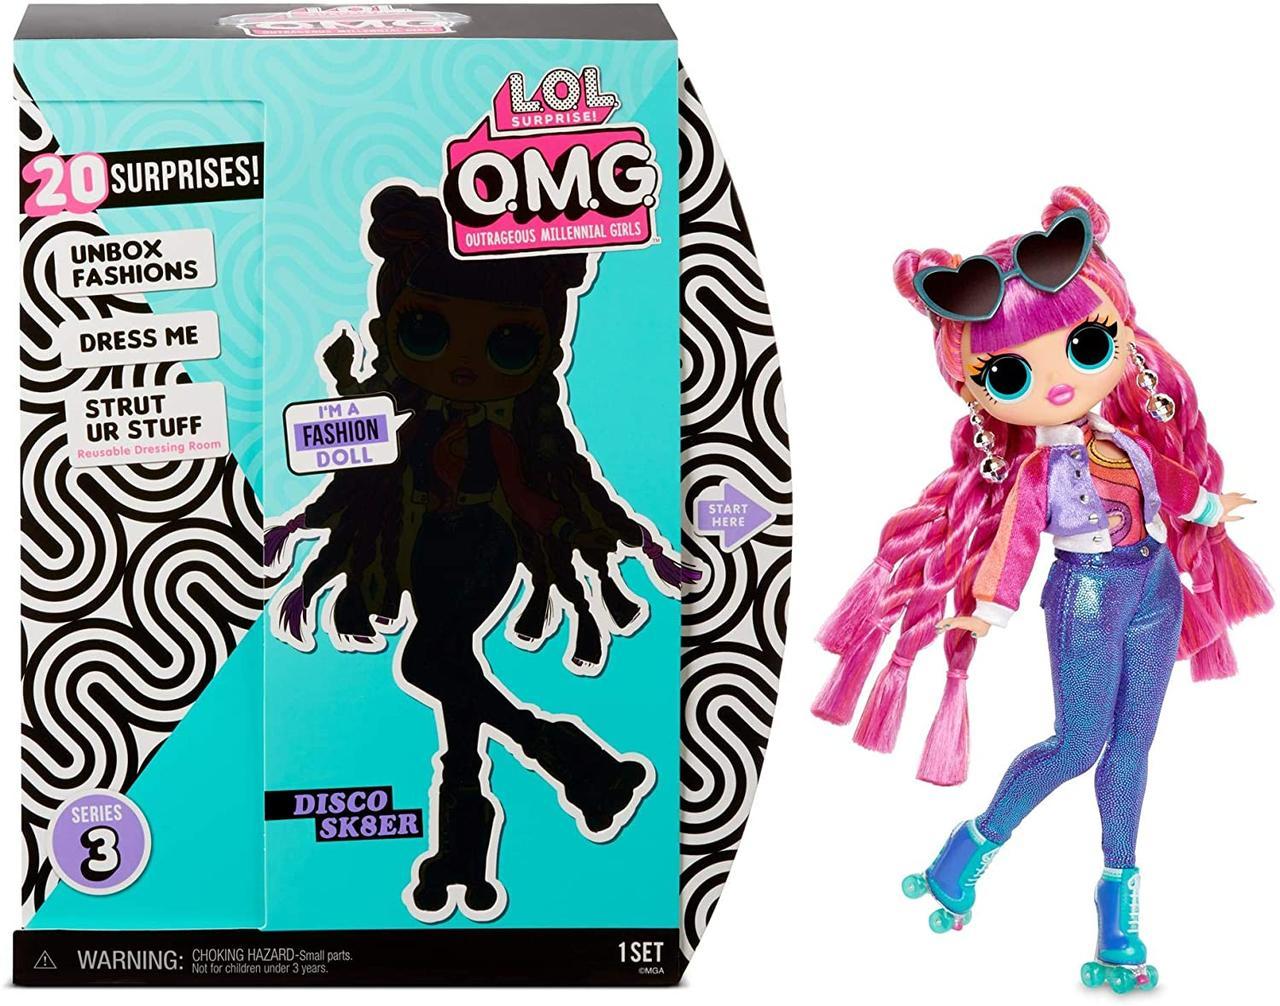 Игровой набор с куклой ЛОЛ Диско-Скейтер, L.O.L. Surprise! O.M.G. Roller Chick, оригинал из США